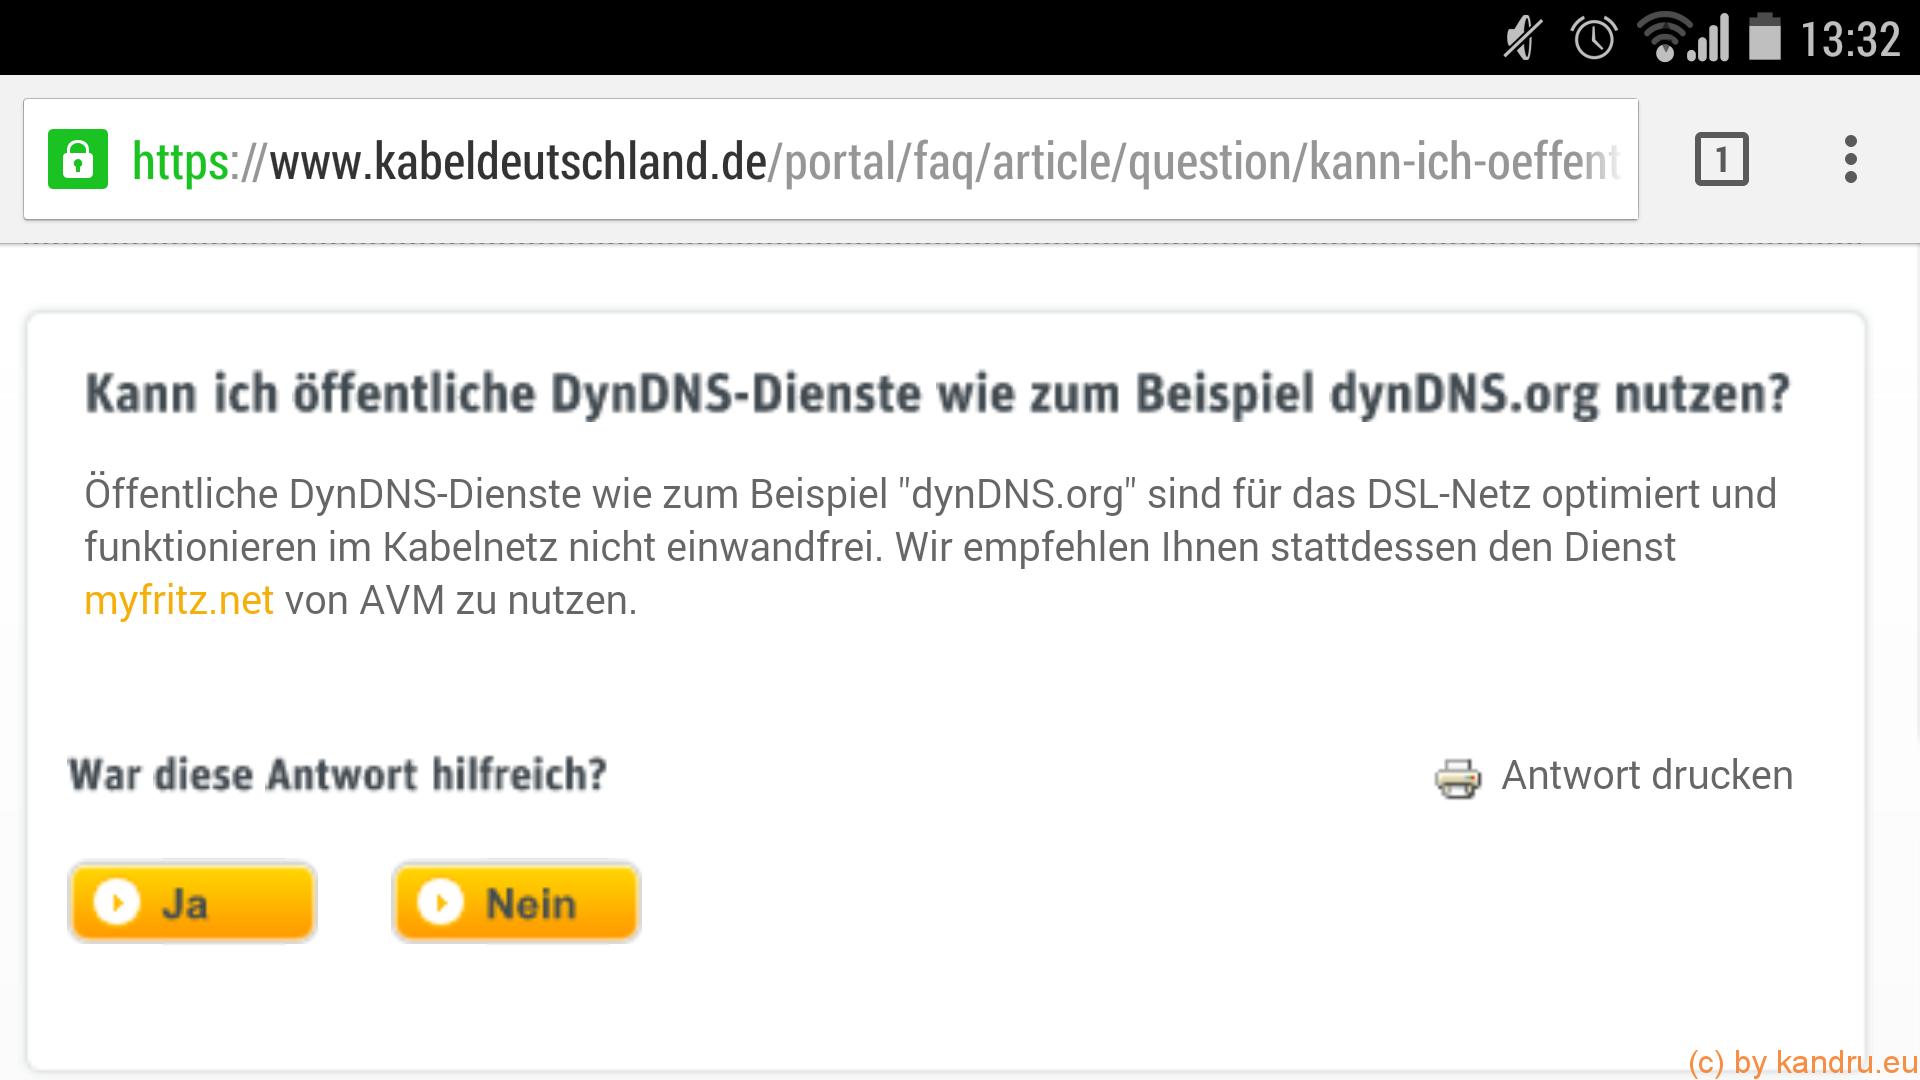 Dienste wie DynDNS funktionieren nur im DSL-Netz